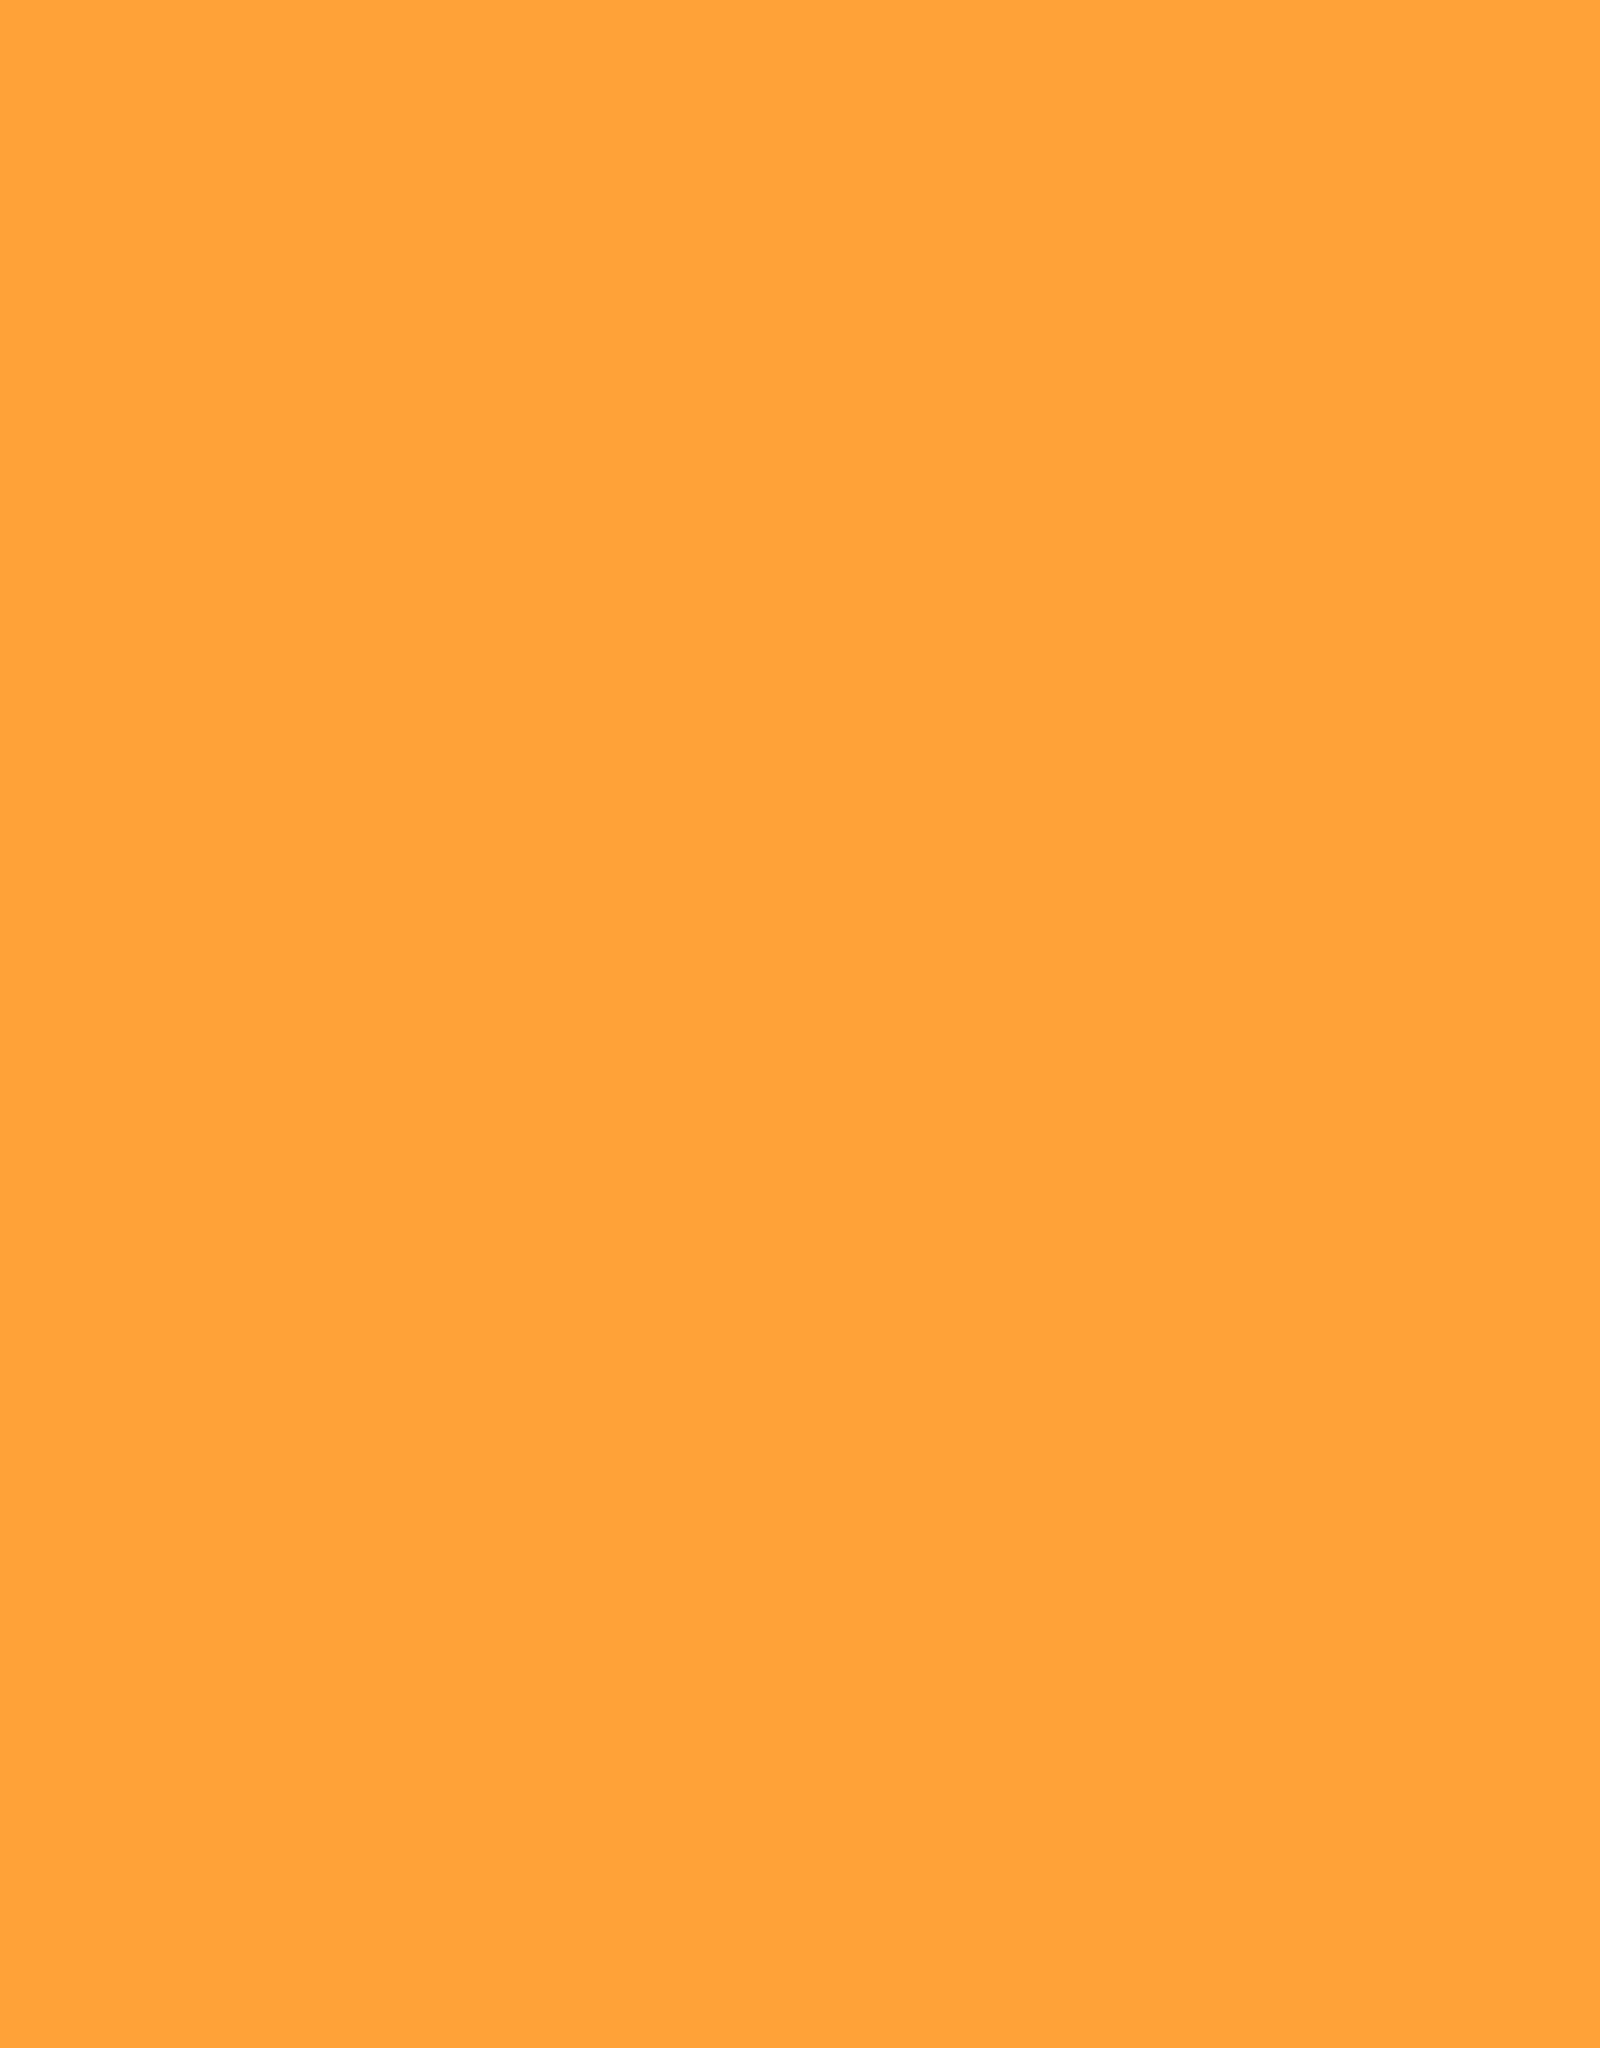 Superior Seamless Superior Seamless Yellow-Orange #35